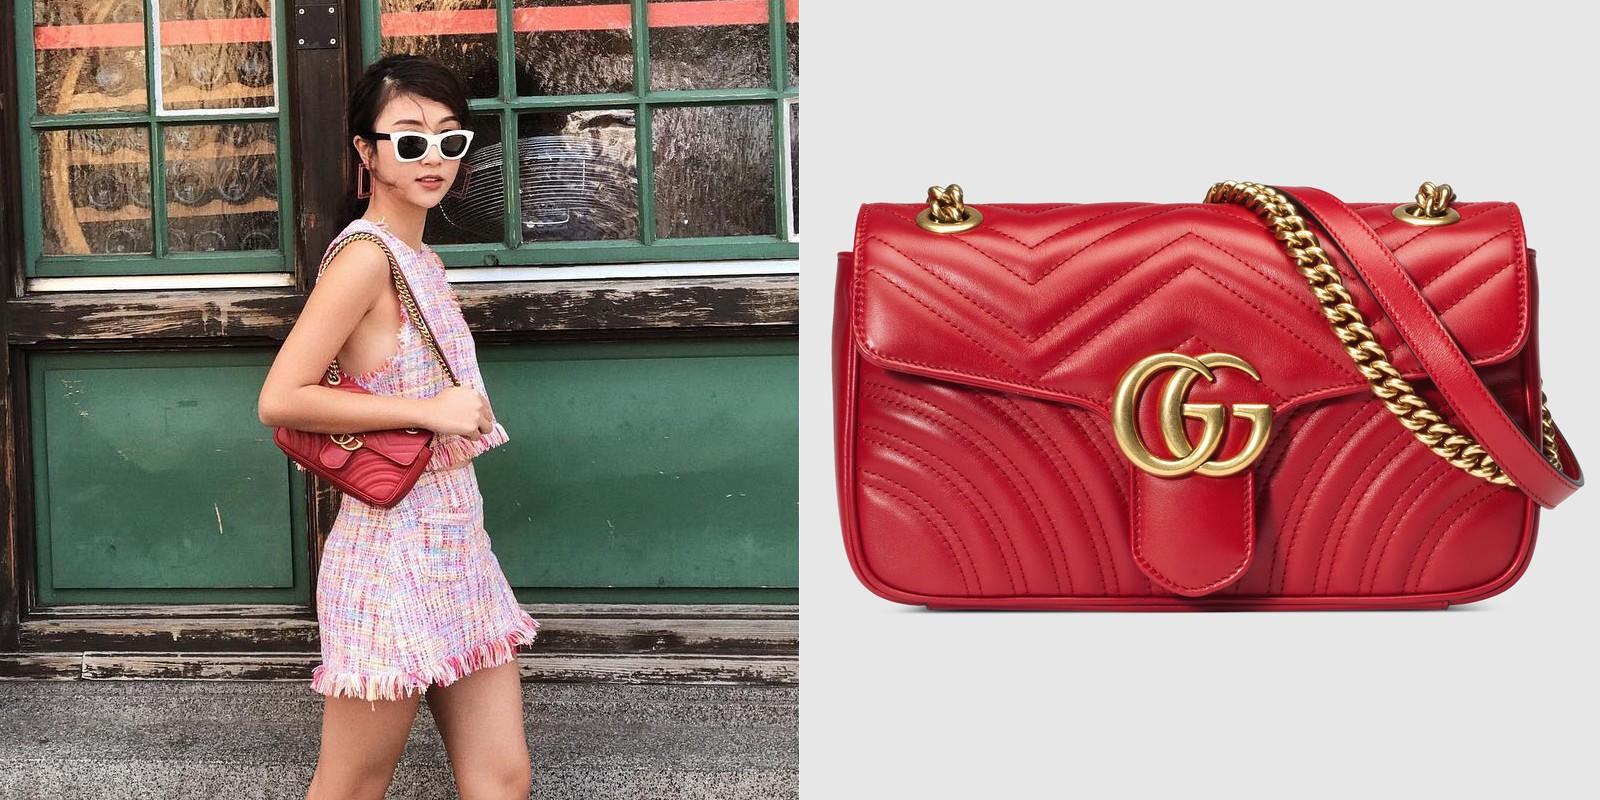 Ngoài BST Louis Vuitton x Supreme đáng ghen tị, tủ đồ hiệu của Quỳnh Anh Shyn còn có hàng loạt món đồ đắt đỏ hot hit khác - Ảnh 8.